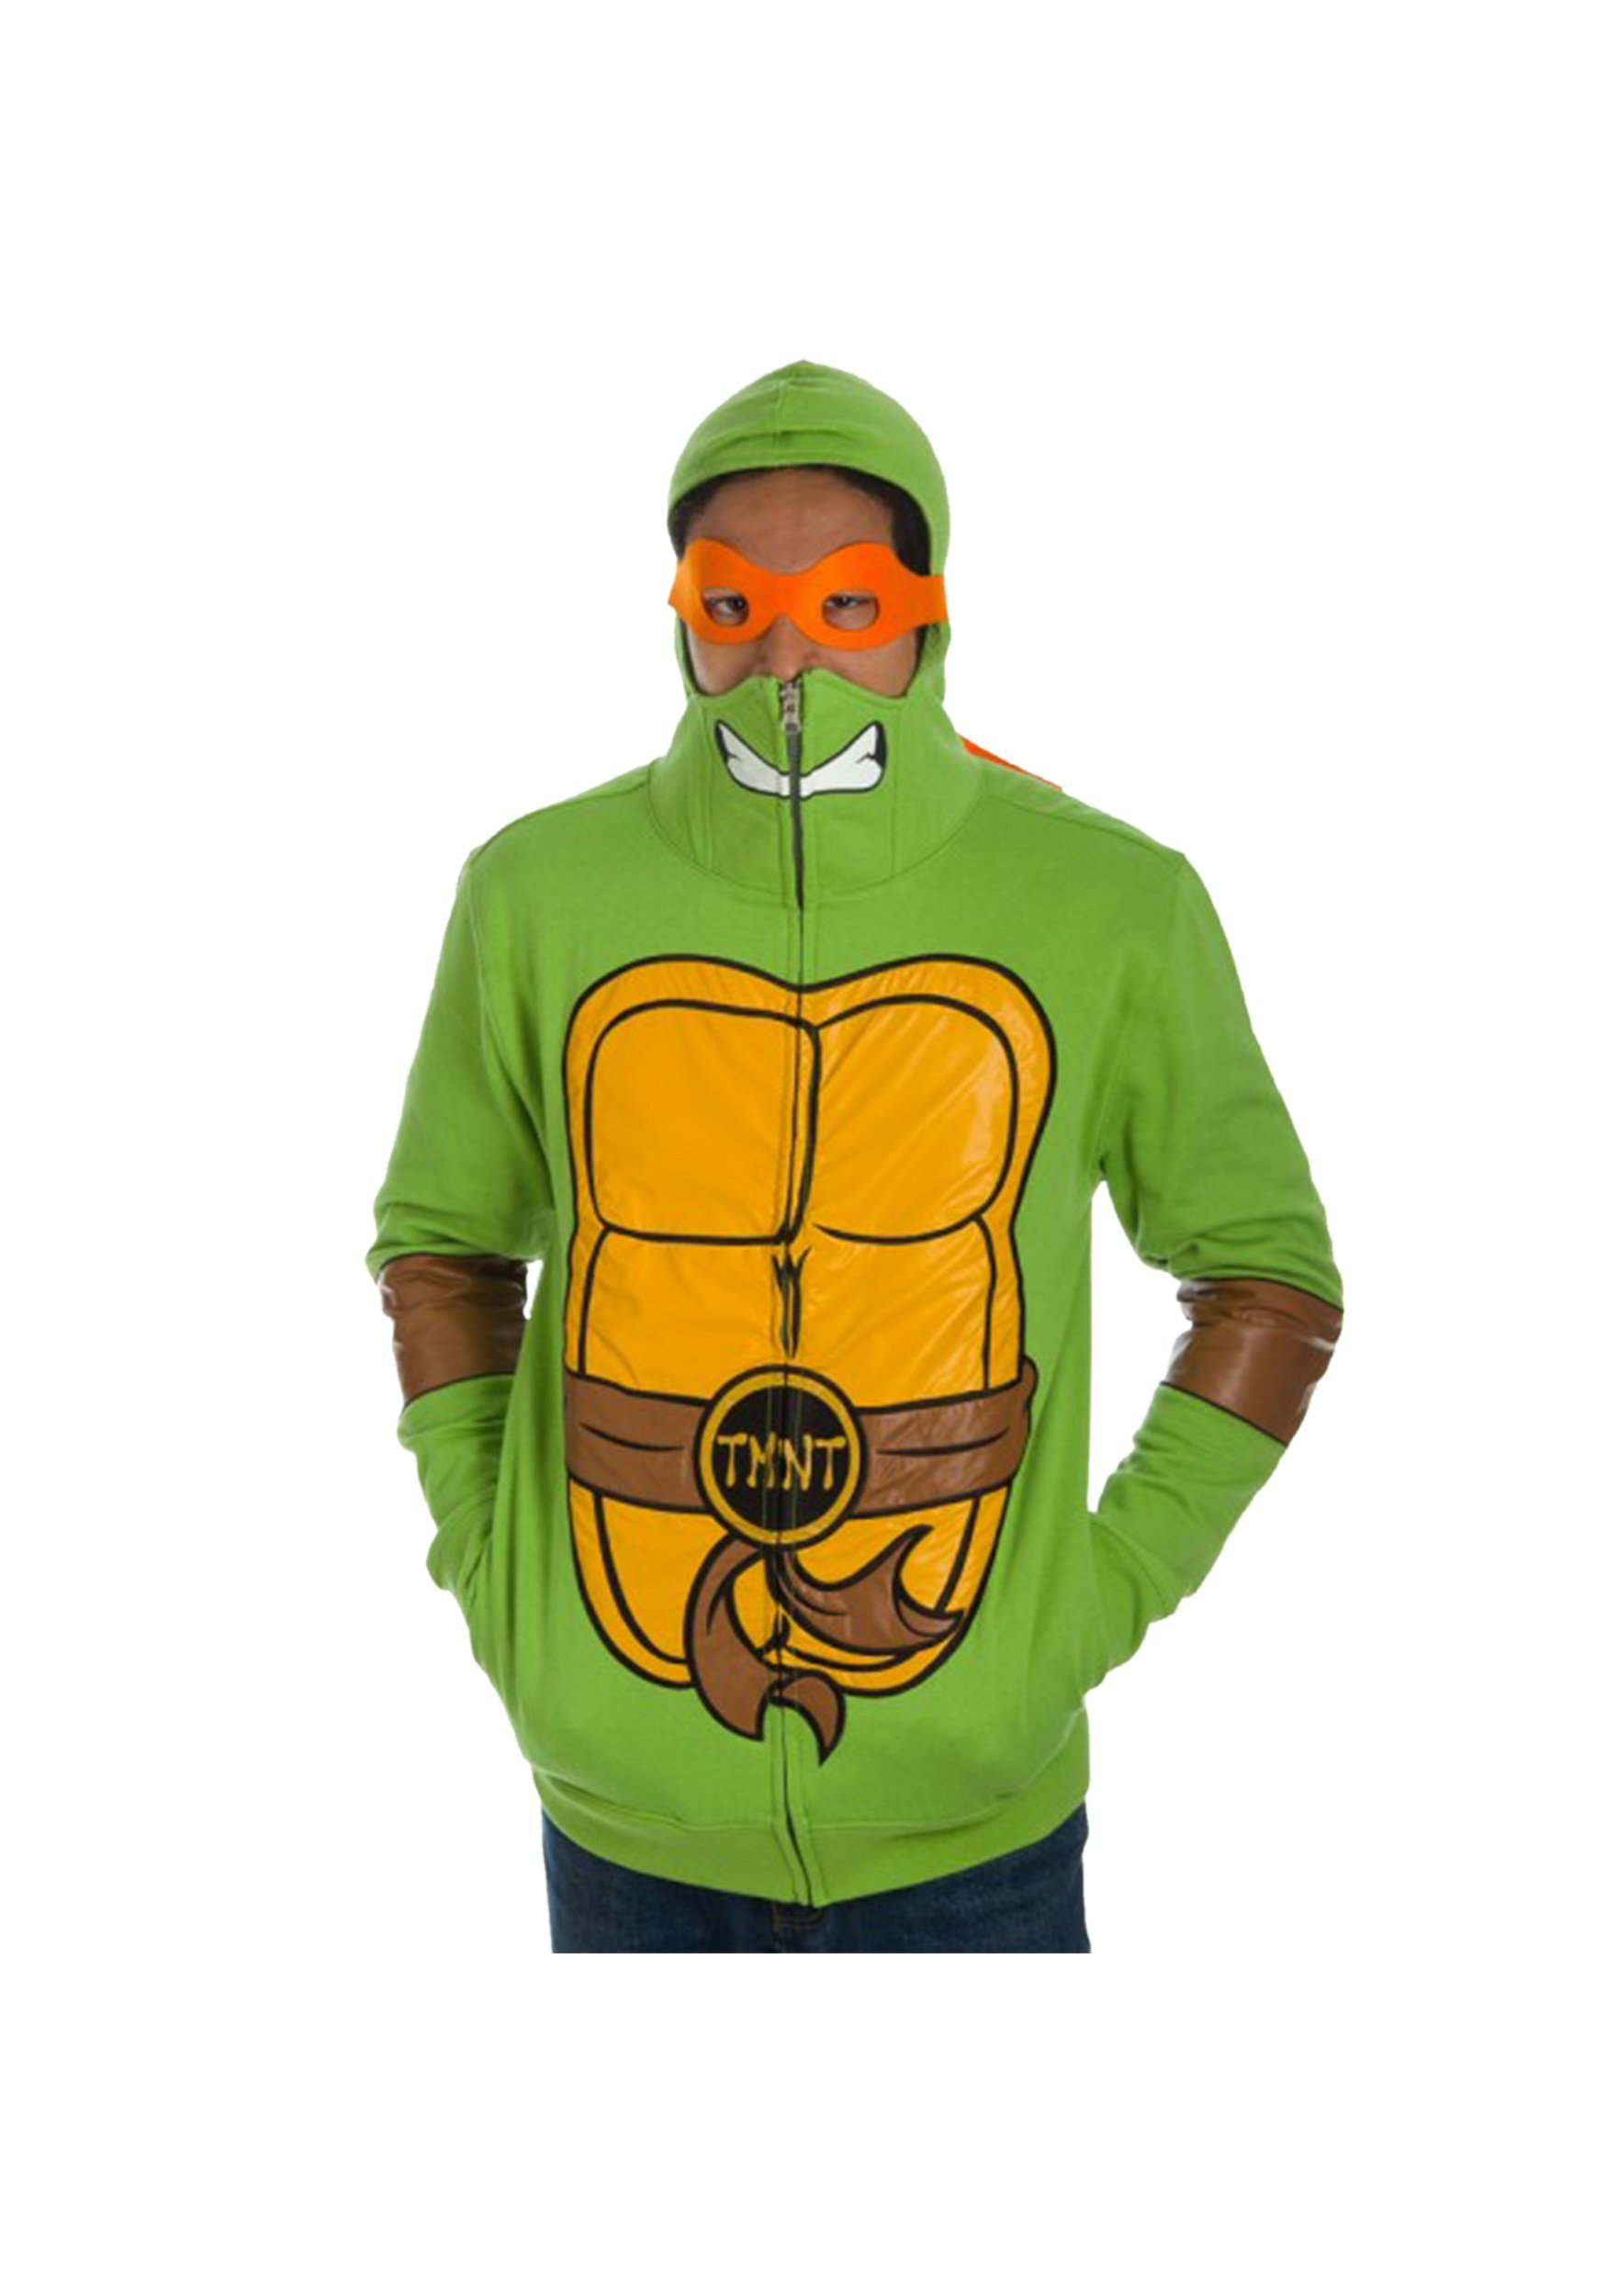 Teenage Mutant Ninja Turtles Full Zip Hoodie with Mask  Green Medium